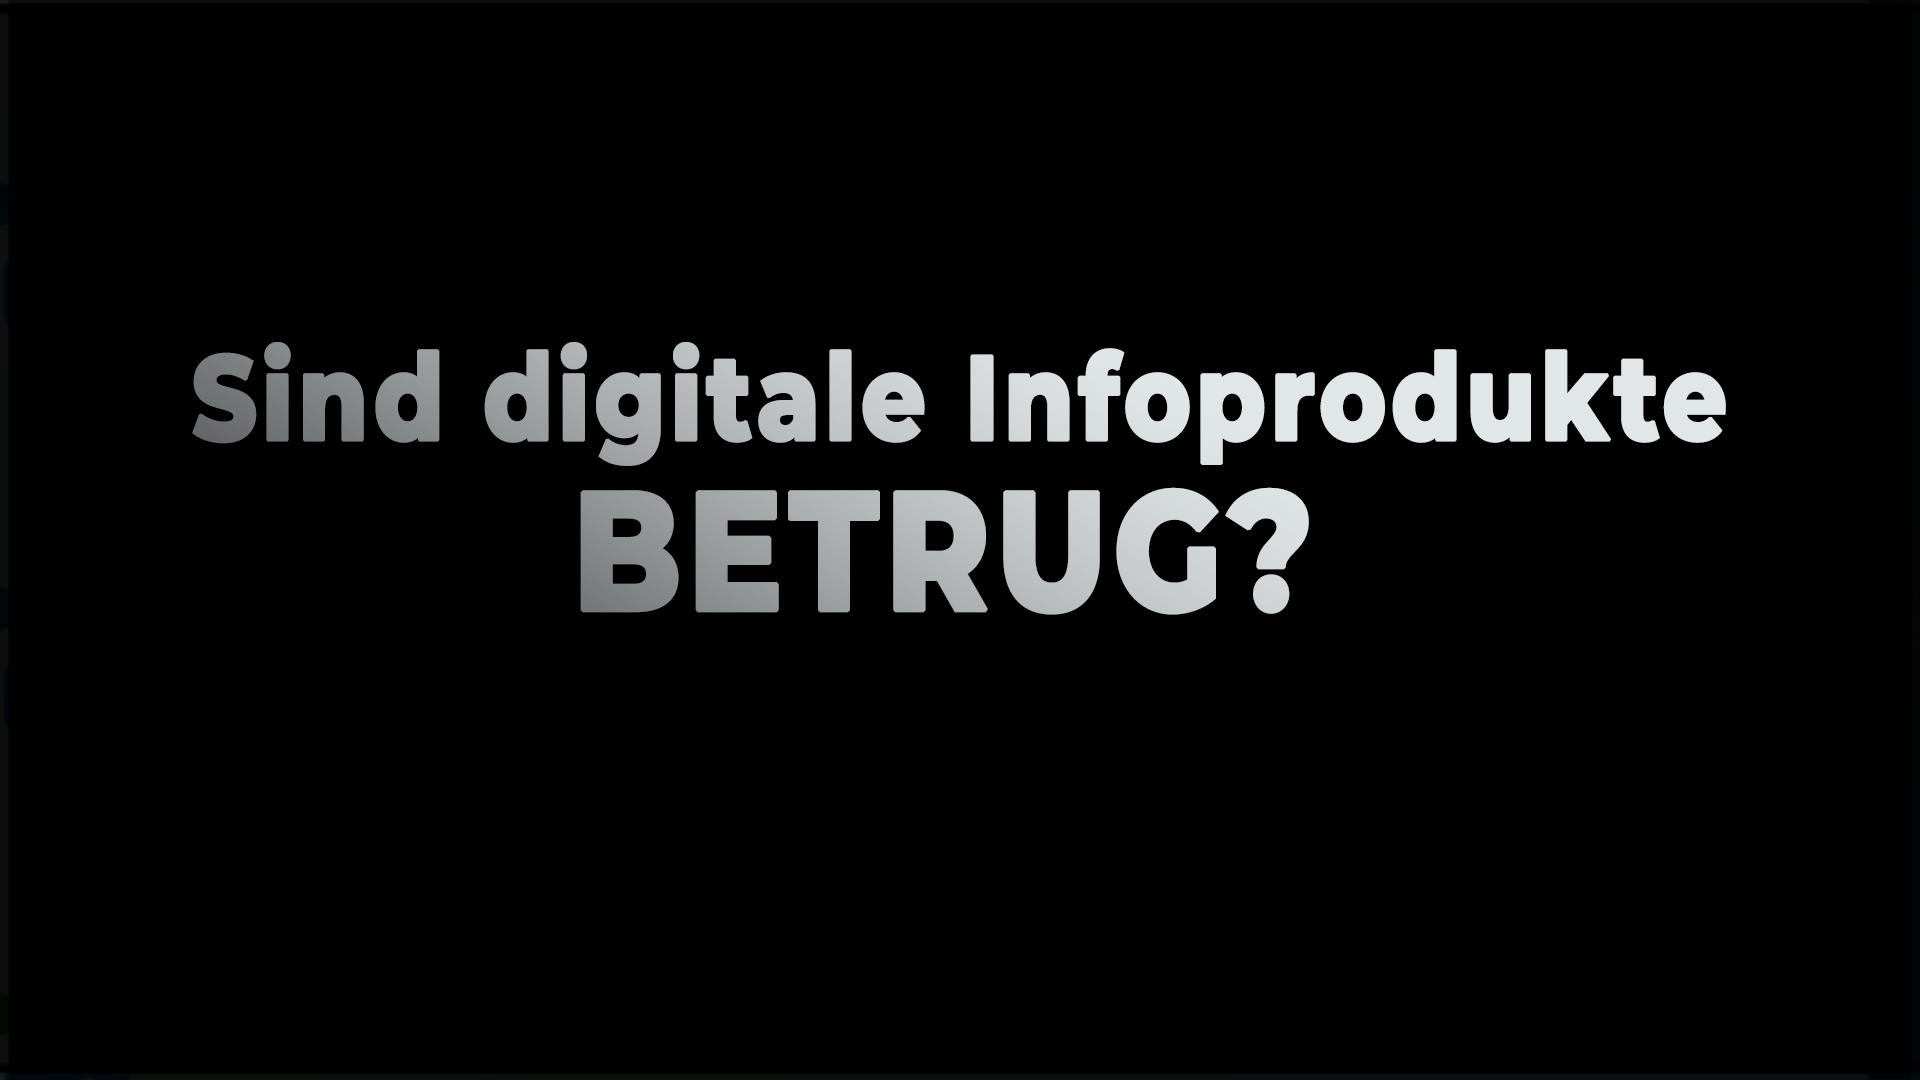 Sind digitale Infoprodukte Betrug?